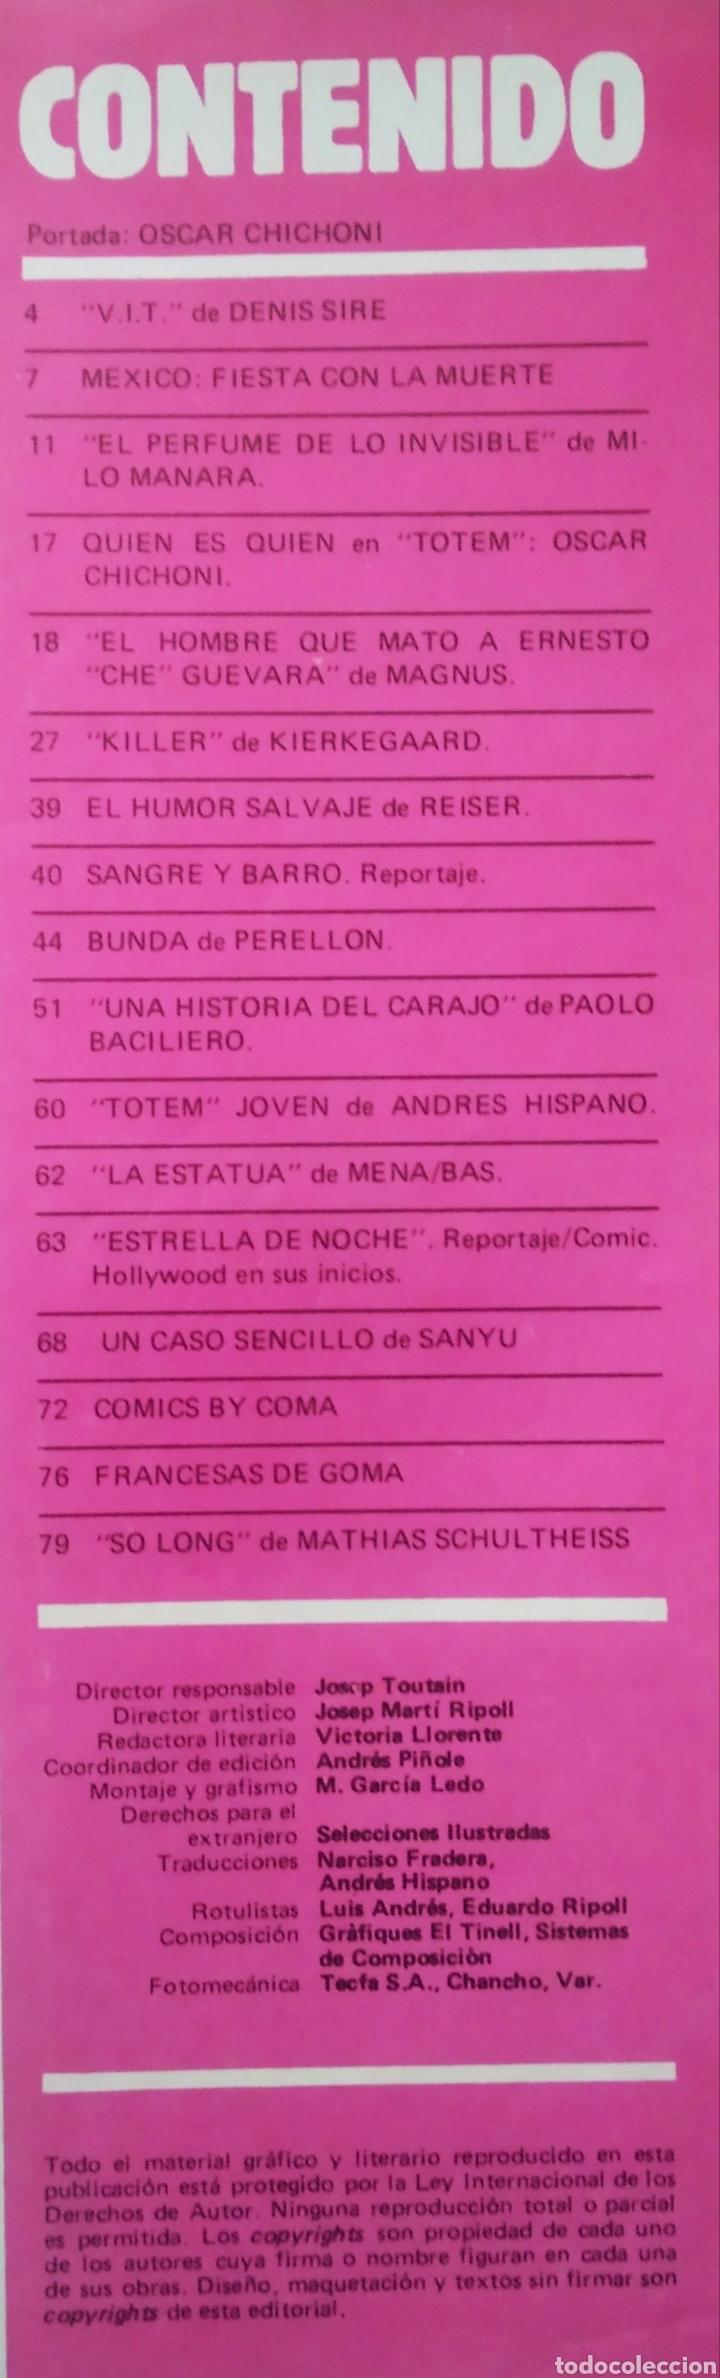 Cómics: Tótem El Cómix Nueva Época n°4 (Toutain, 1987). 84 páginas a color y B/N. - Foto 2 - 236393845